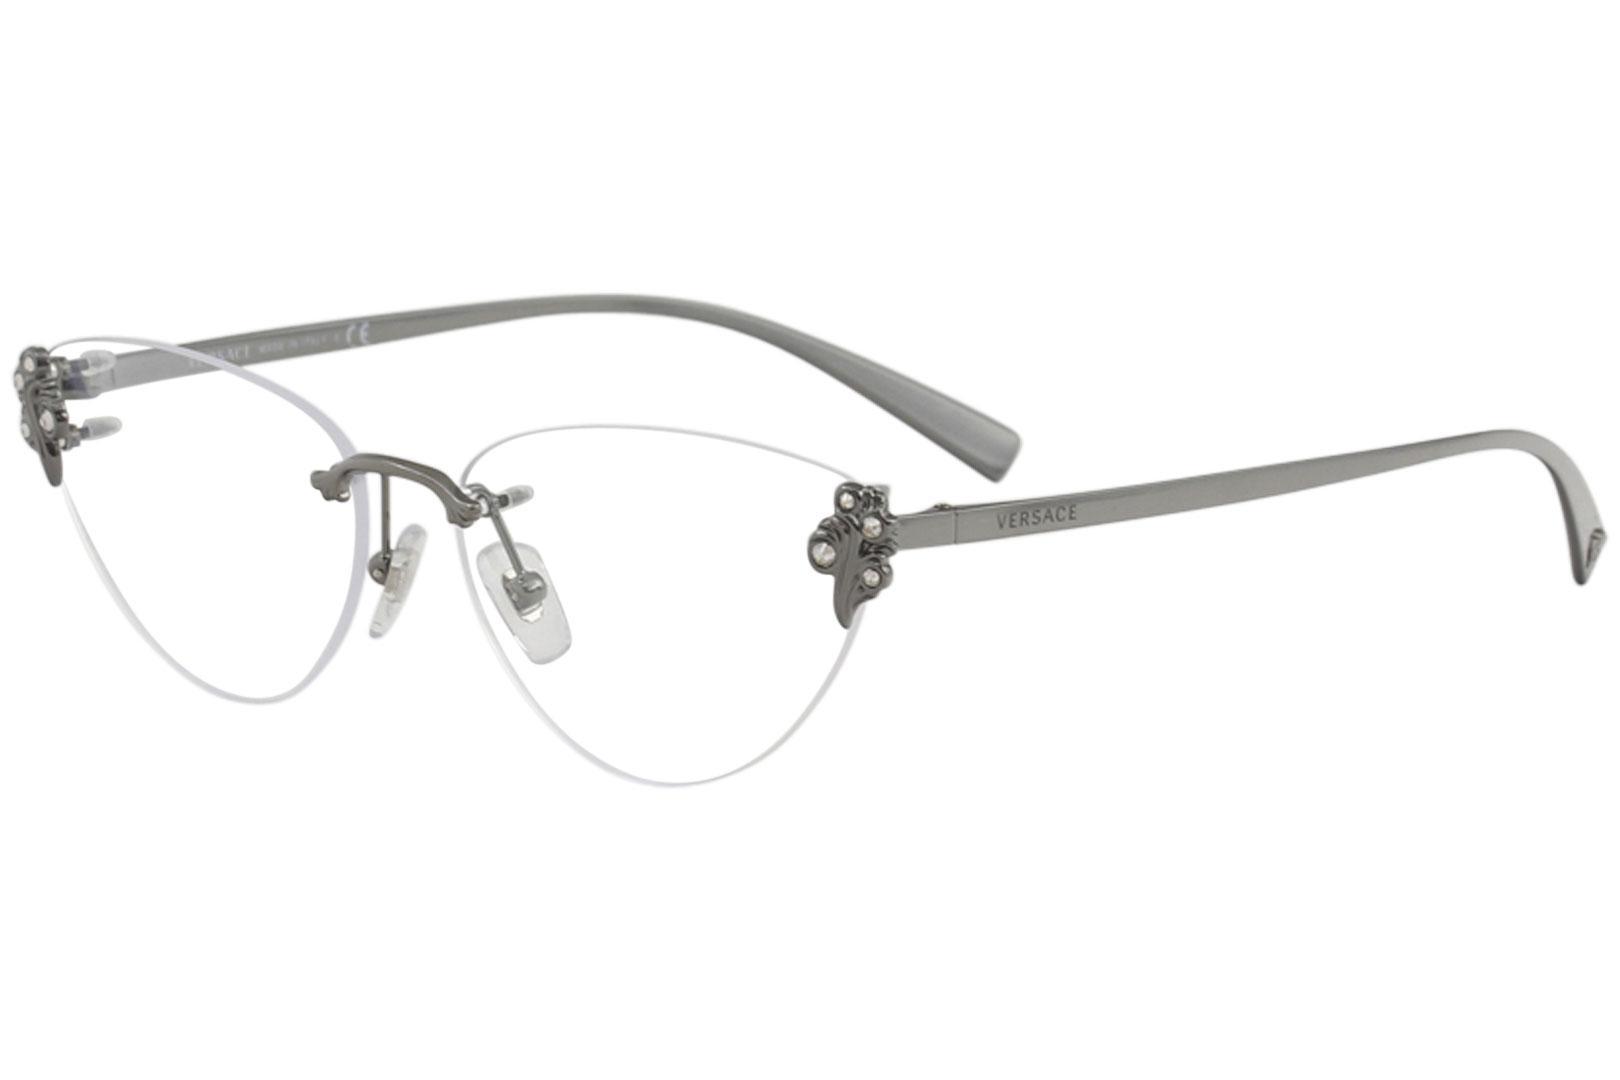 49653b550293 Versace Women's Eyeglasses VE1254B VE/1254/B Rimless Optical Frame